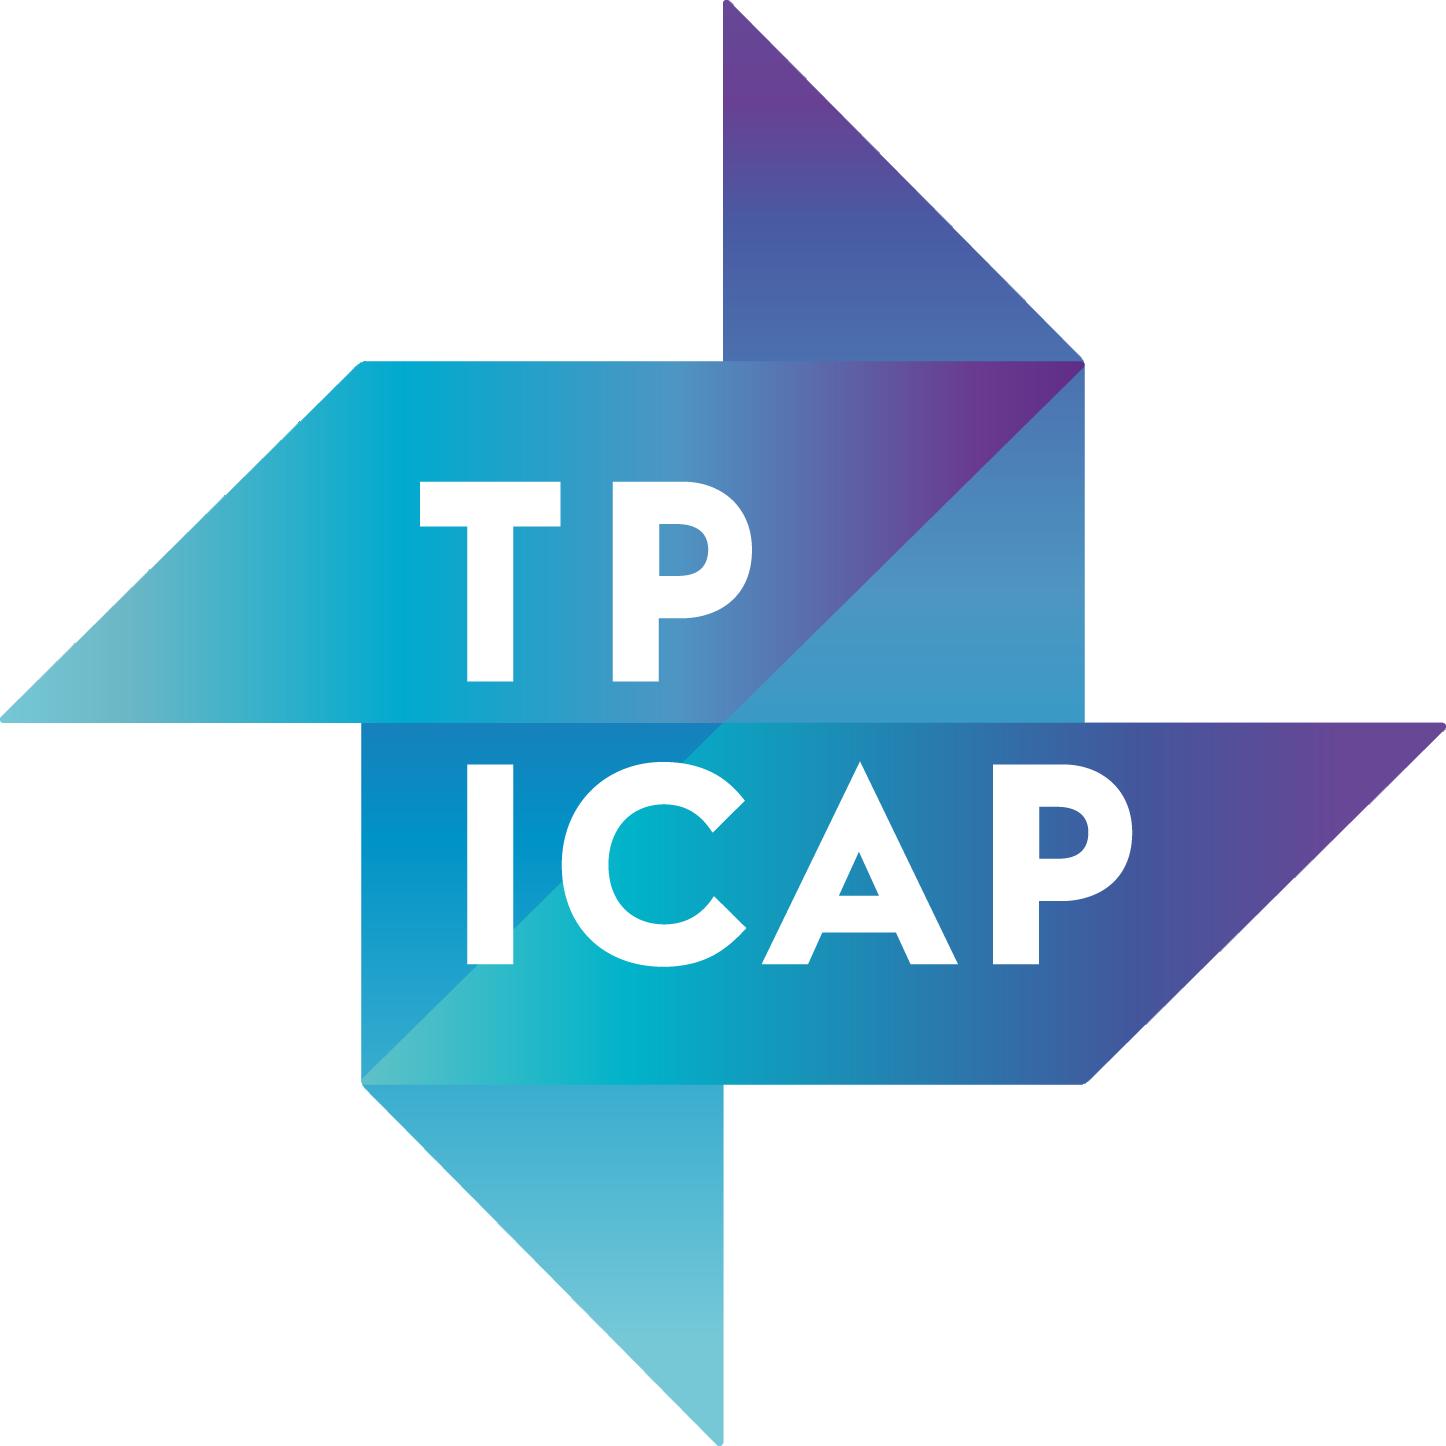 TP ICAP Logo png